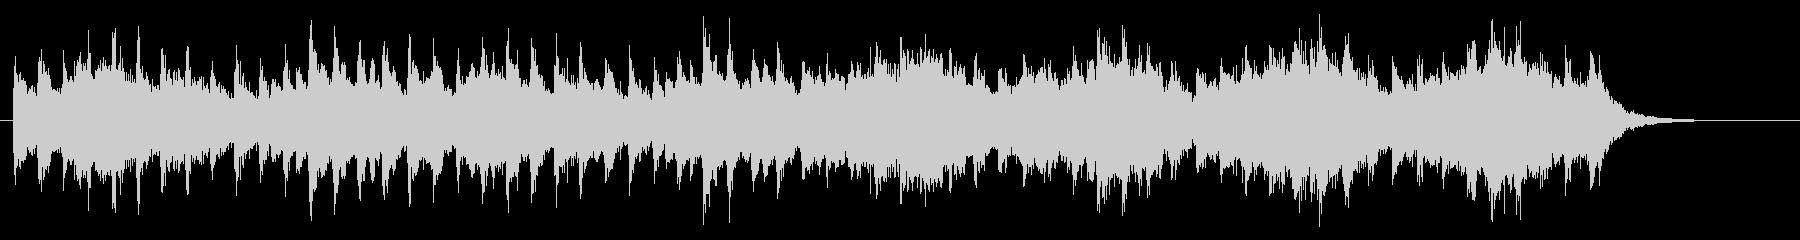 ポップ テクノ 現代的 交響曲 ア...の未再生の波形